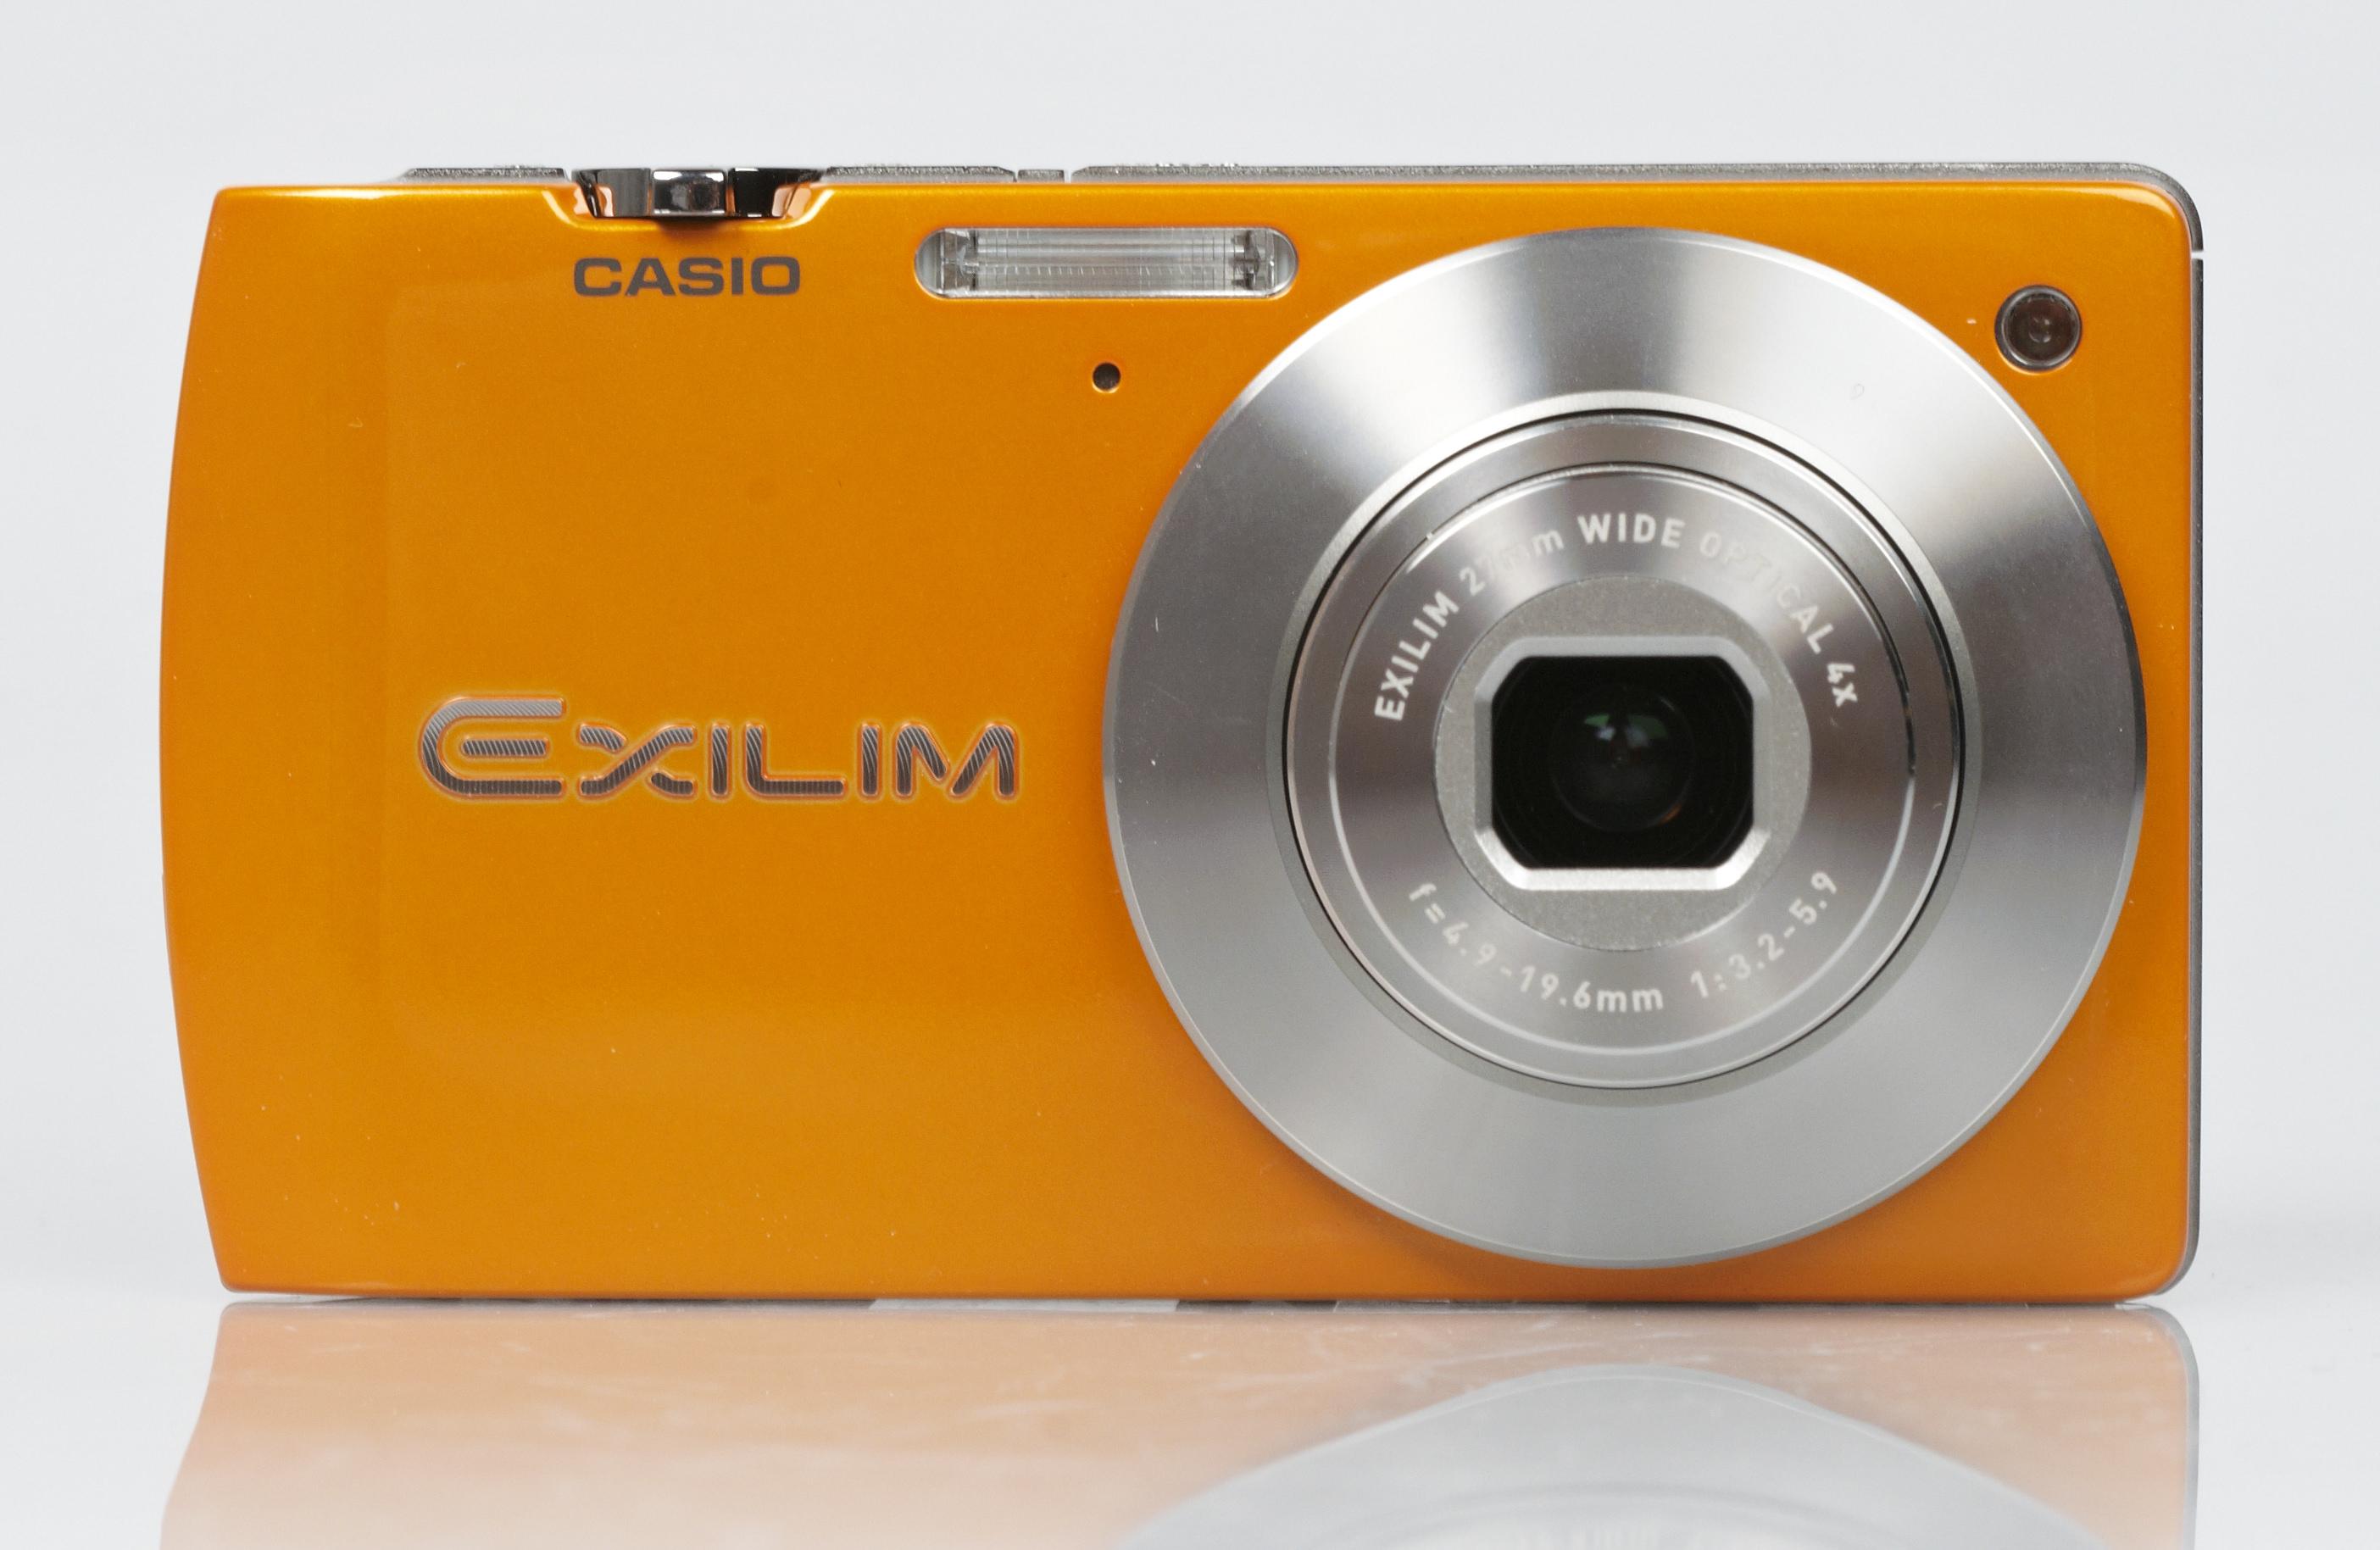 casio exilim ex s200 digital camera review rh ephotozine com Casio Watch Manual Casio Keyboard Owner's Manual